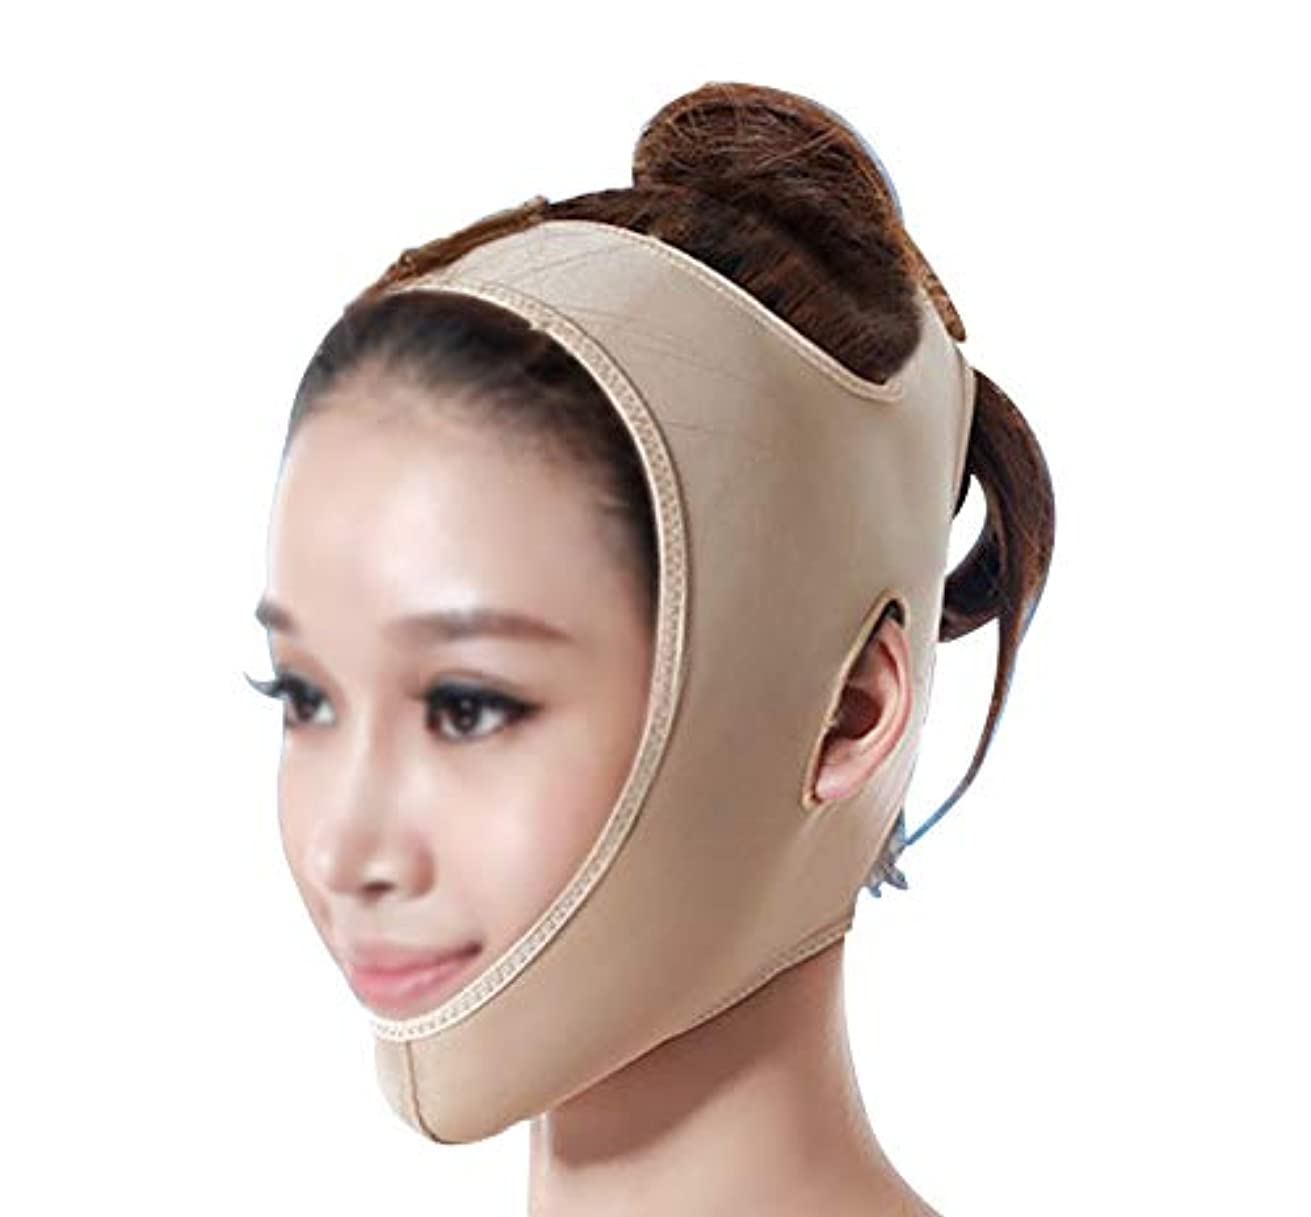 重要な役割を果たす、中心的な手段となる普及スリンクGLJJQMY 引き締めマスクマスク美容薬マスク美容V顔包帯ライン彫刻引き締めしっかりダブルチンマスク 顔用整形マスク (Size : M)